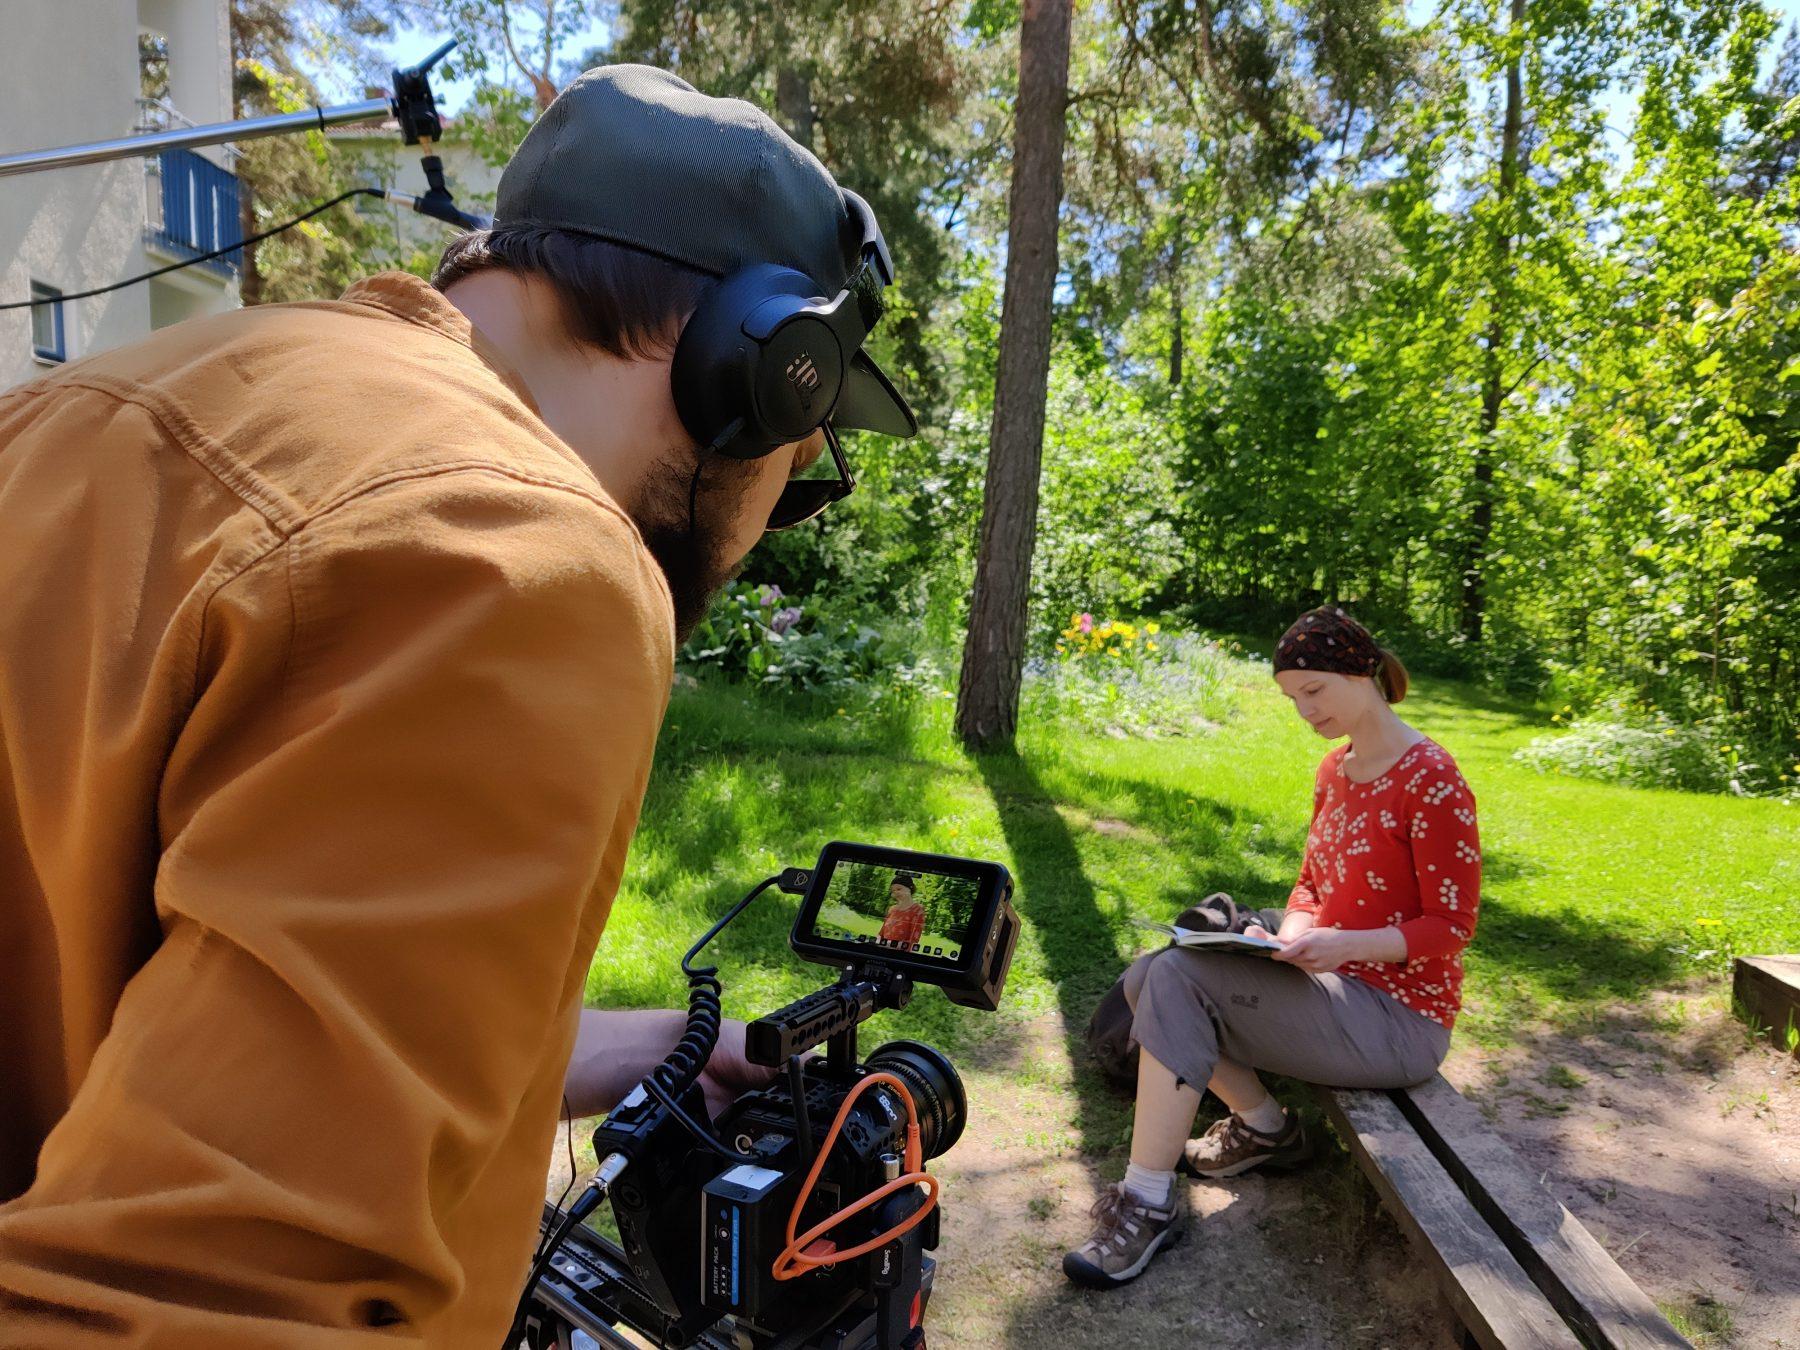 Ihme ja kumma -videosarja kuvattiin täyttämään toiveita nimenomaan videomateriaalista, jota voisi käyttää opetuksen ja kasvatuksen tukena.